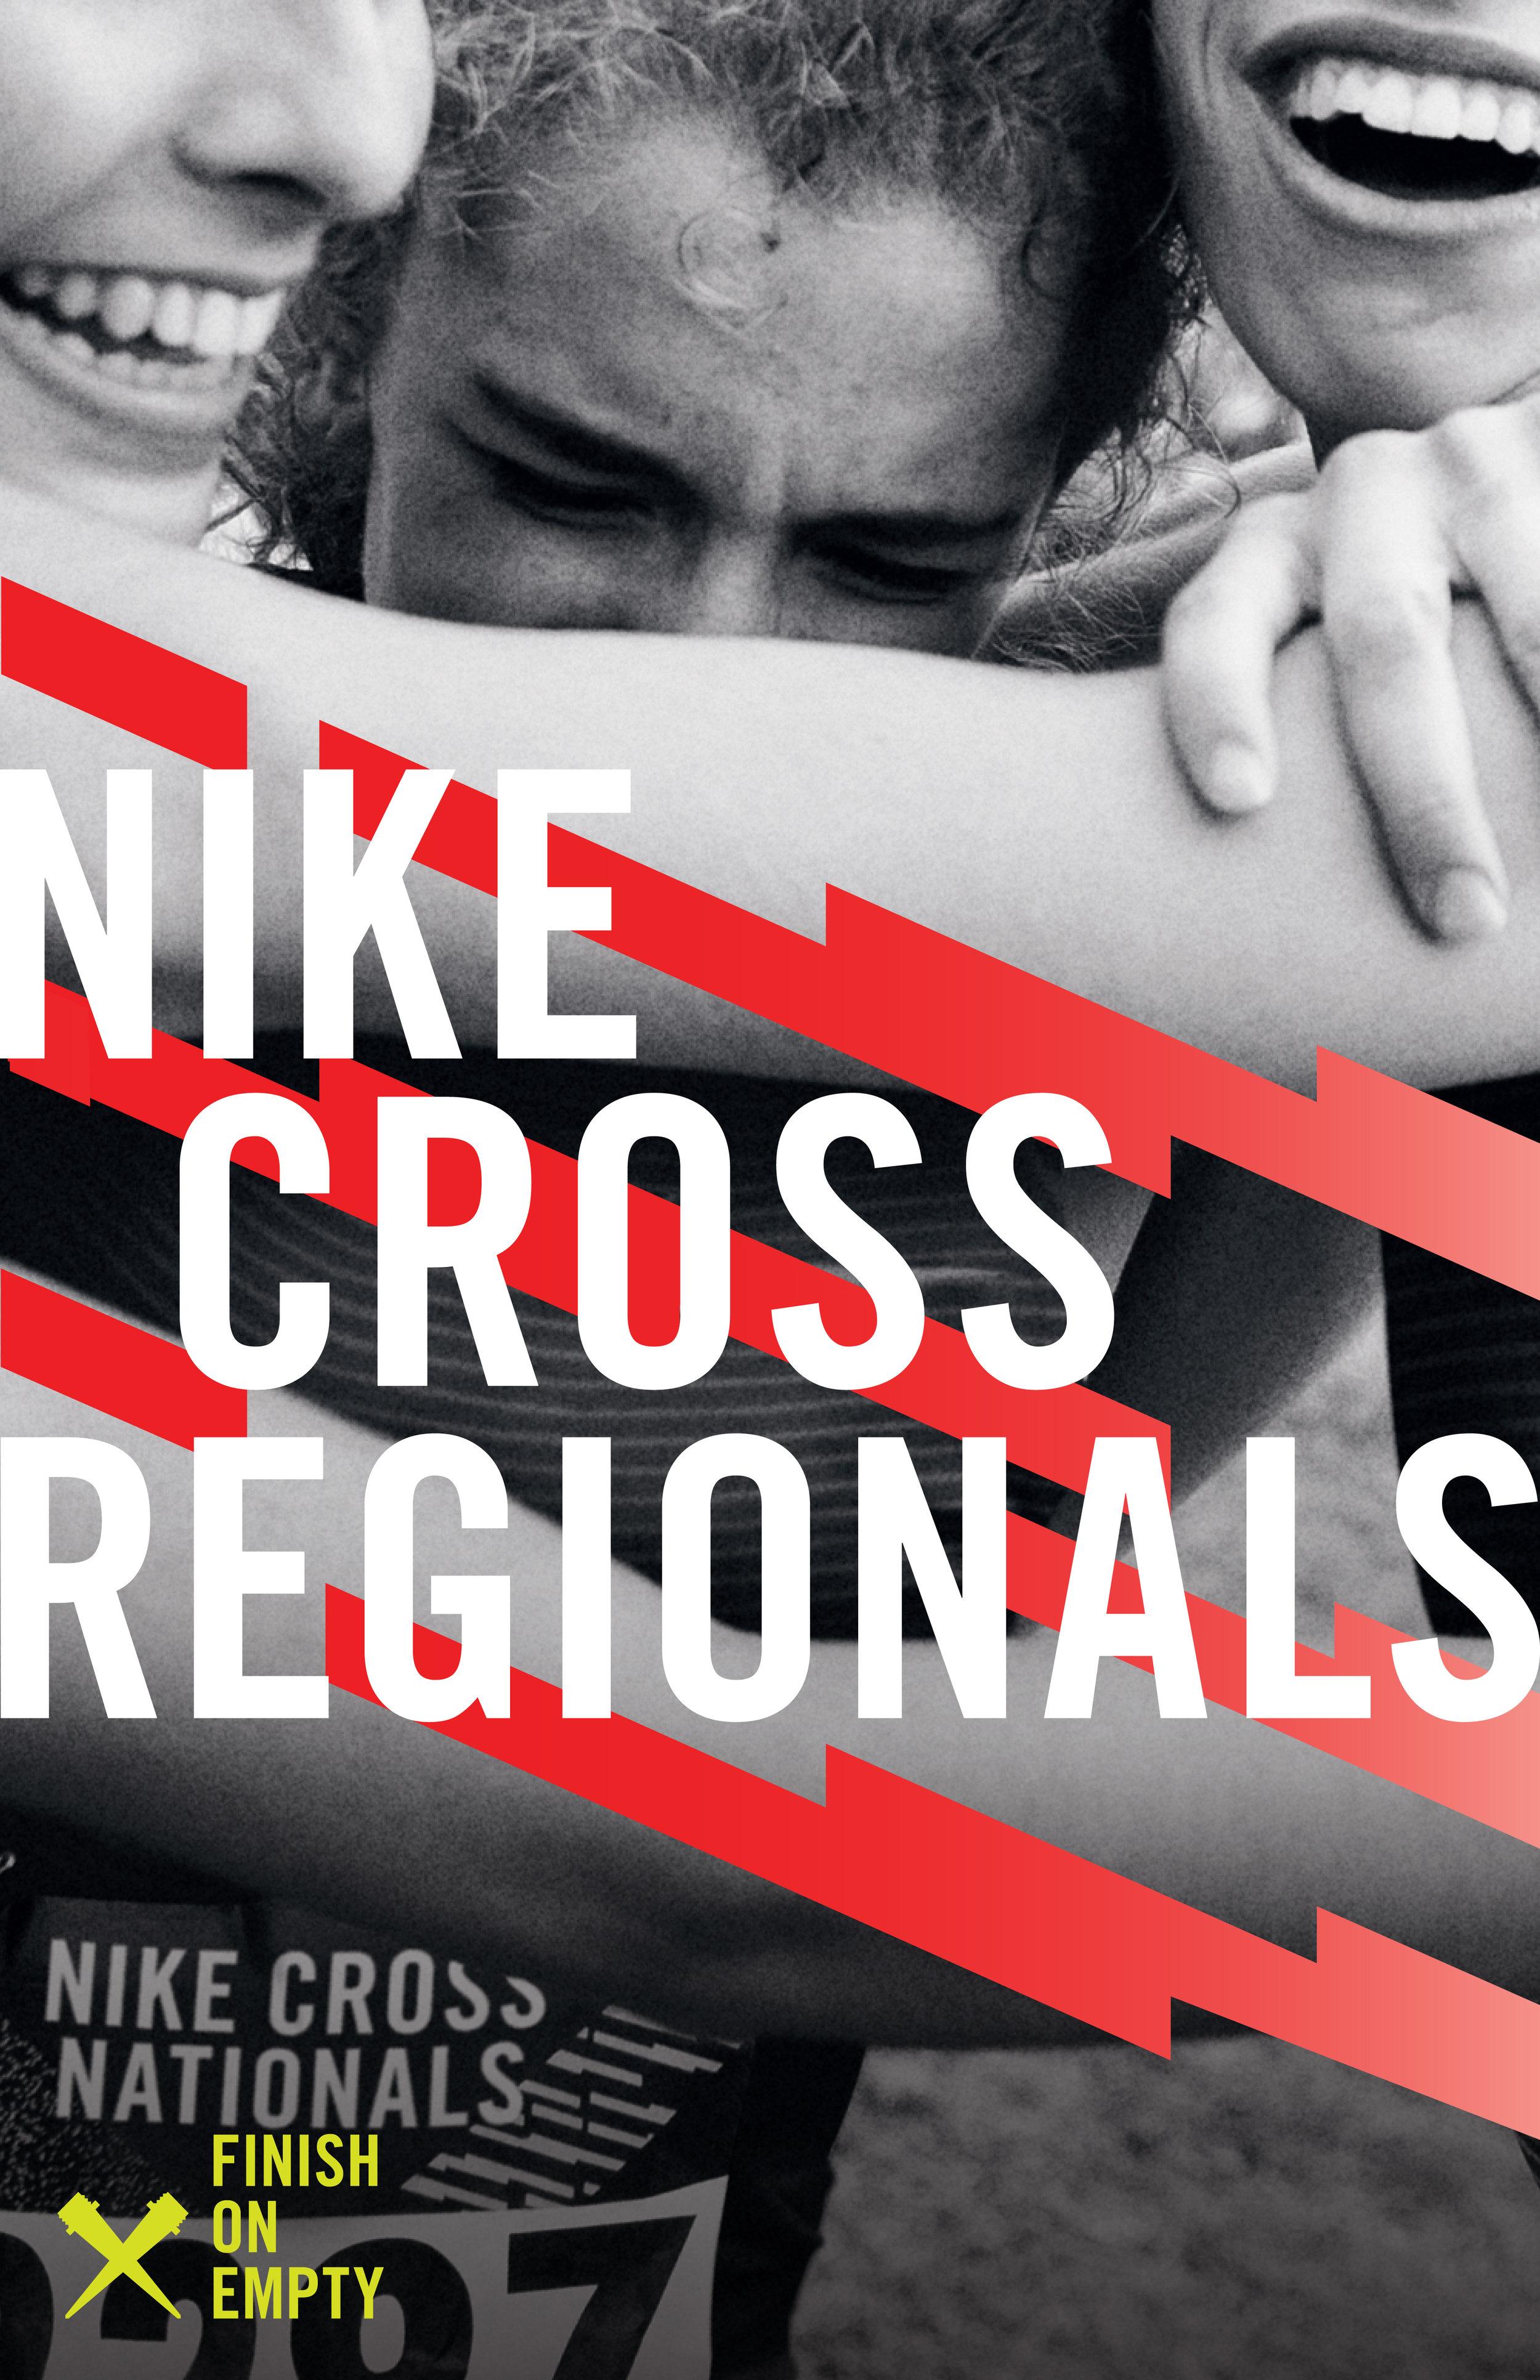 NikeCrossRegionals